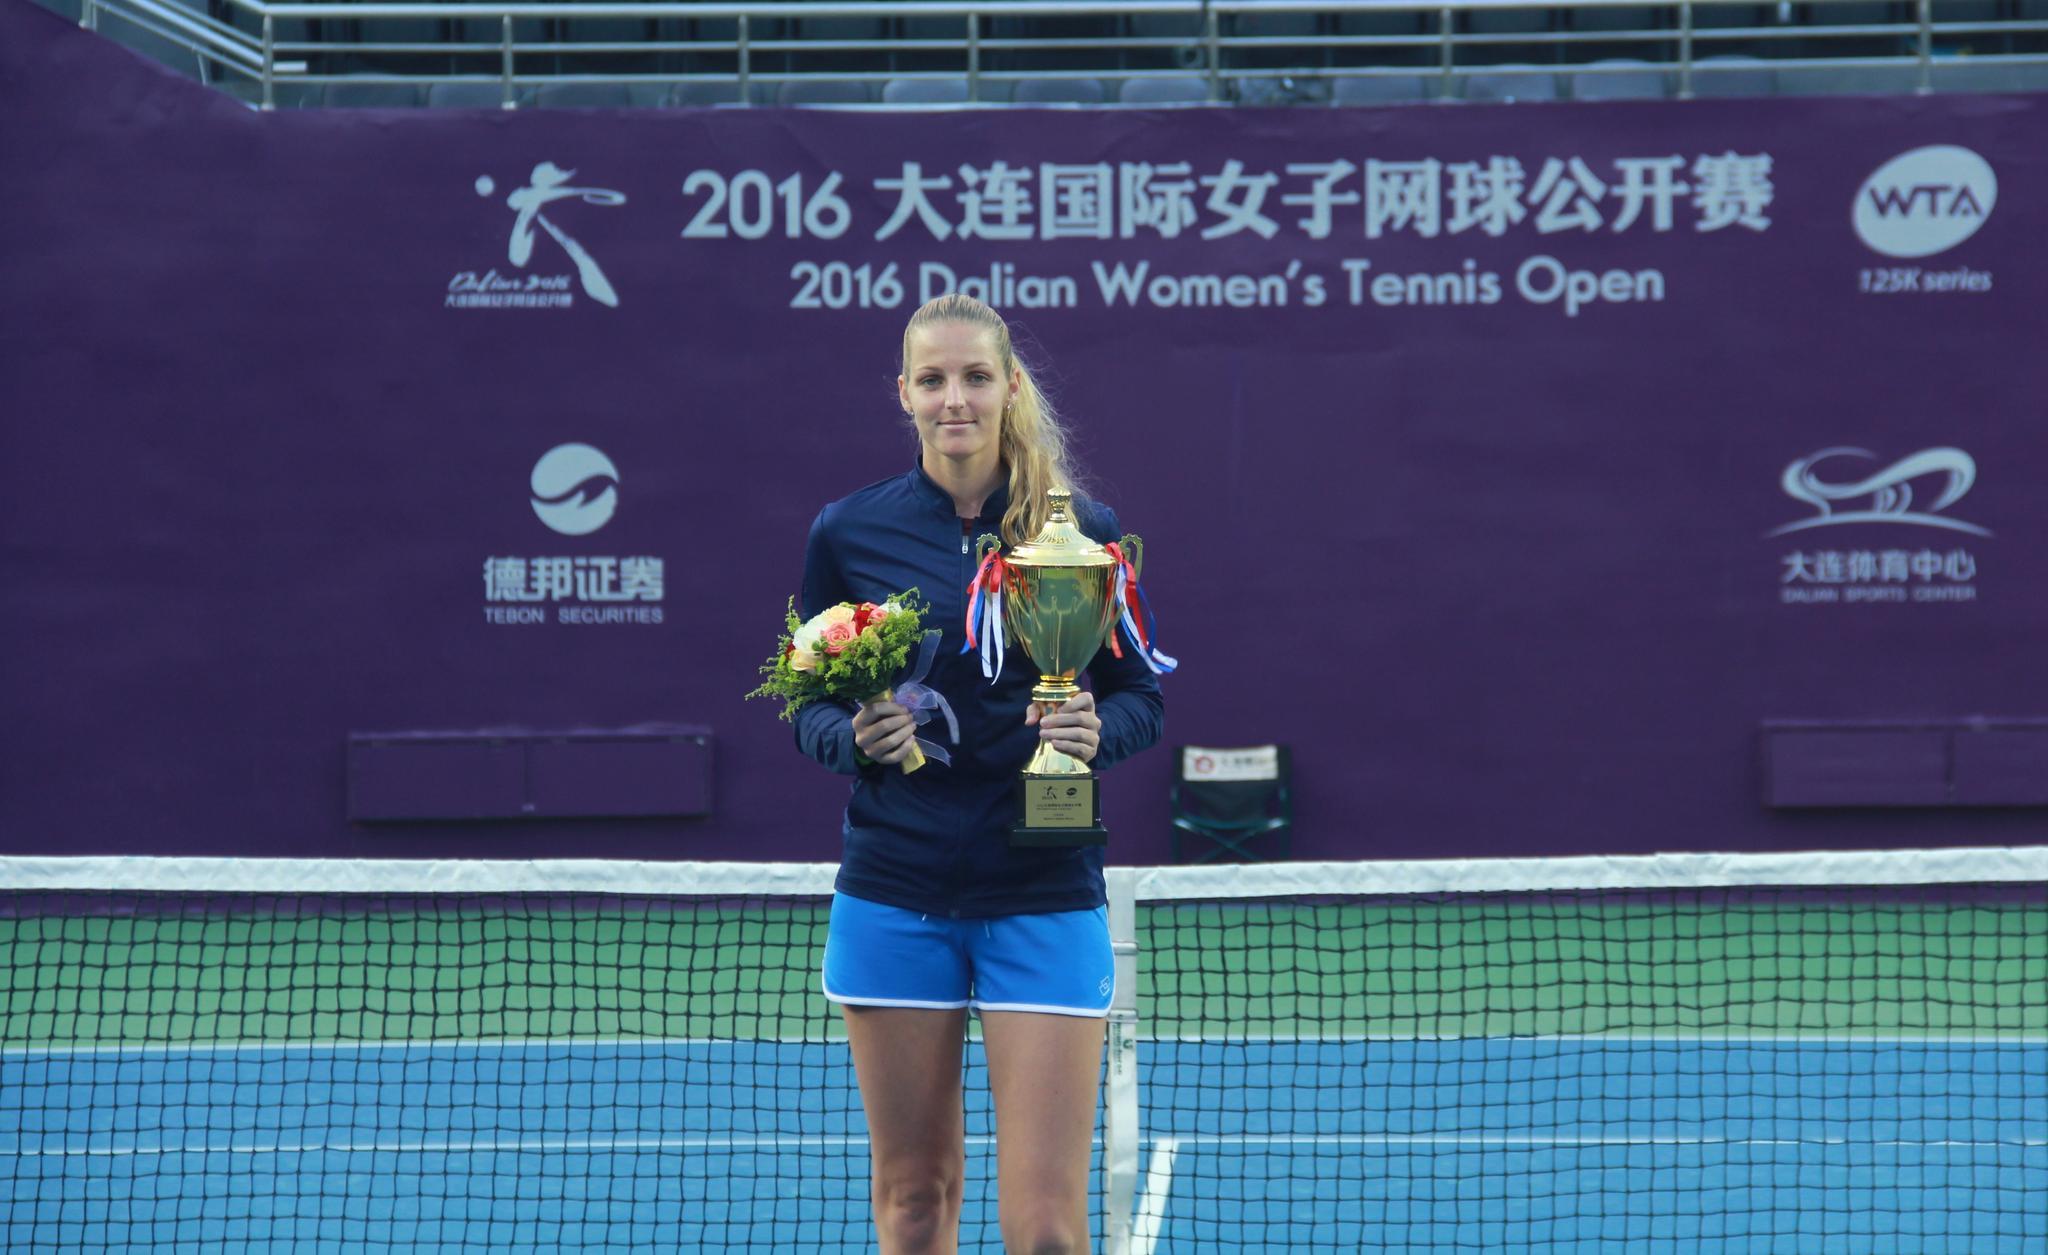 2016大连国际女子网球公开赛圆满落幕